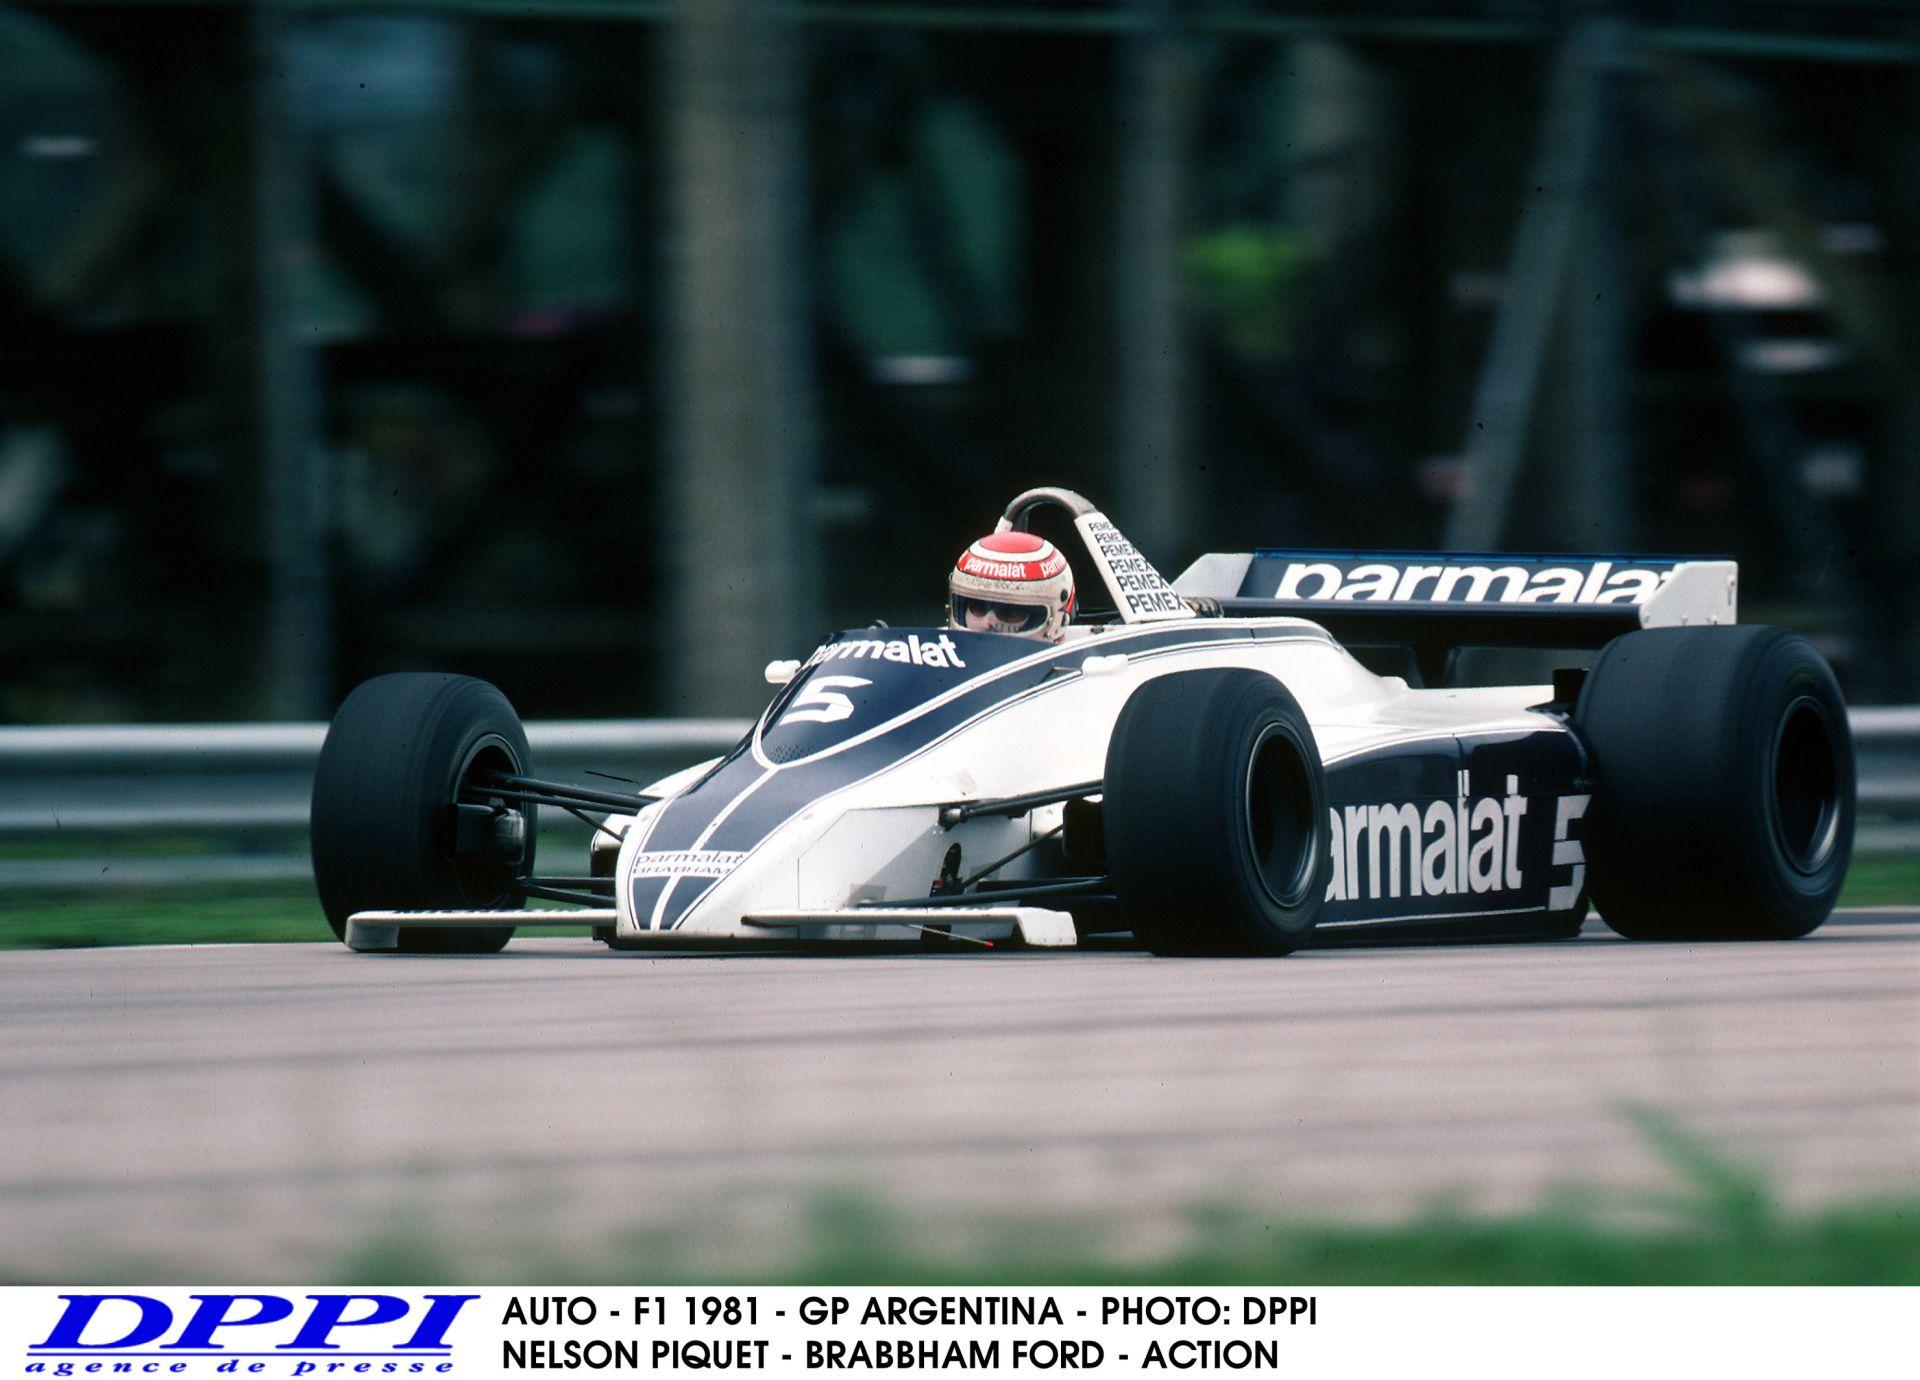 Piquet 1981-ben ezen a napon szerezte meg az első bajnoki címét az F1-ben!